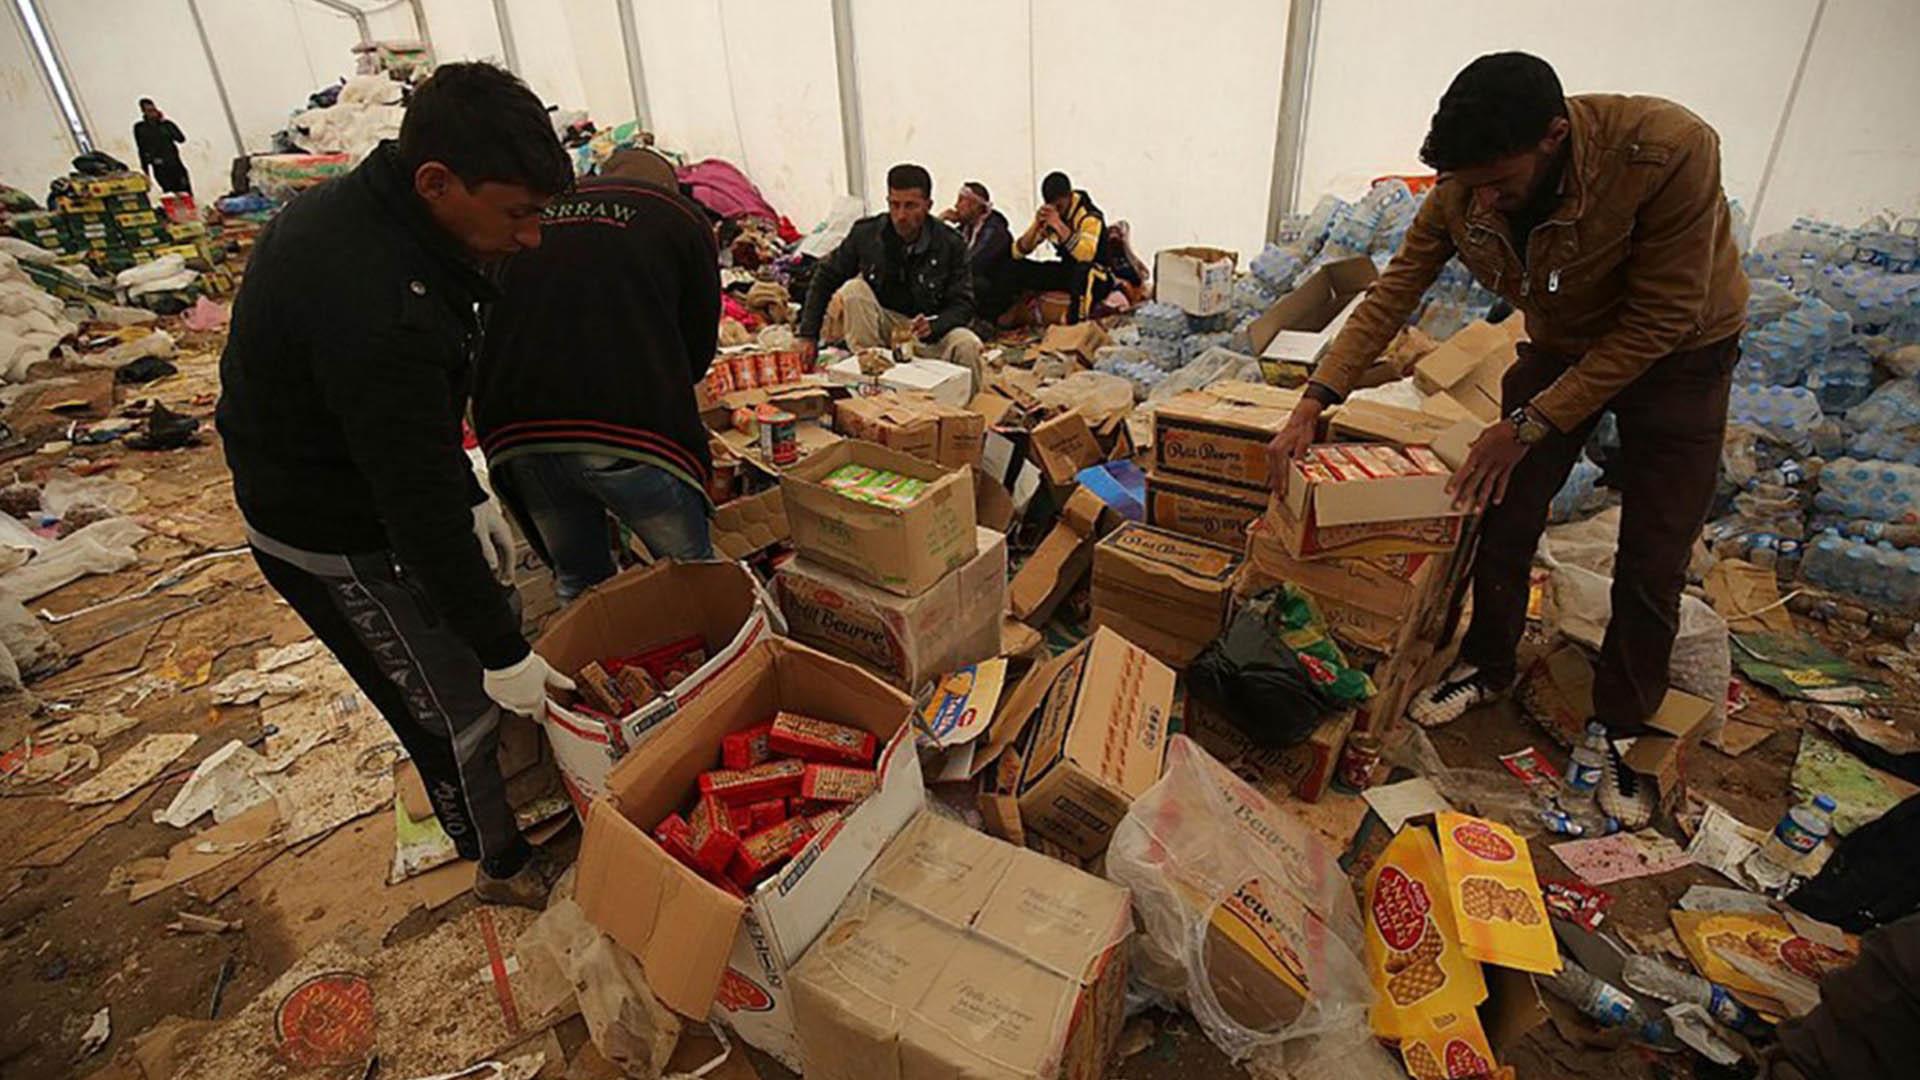 Los refugiados reciben comida en los campamentos (AFP)